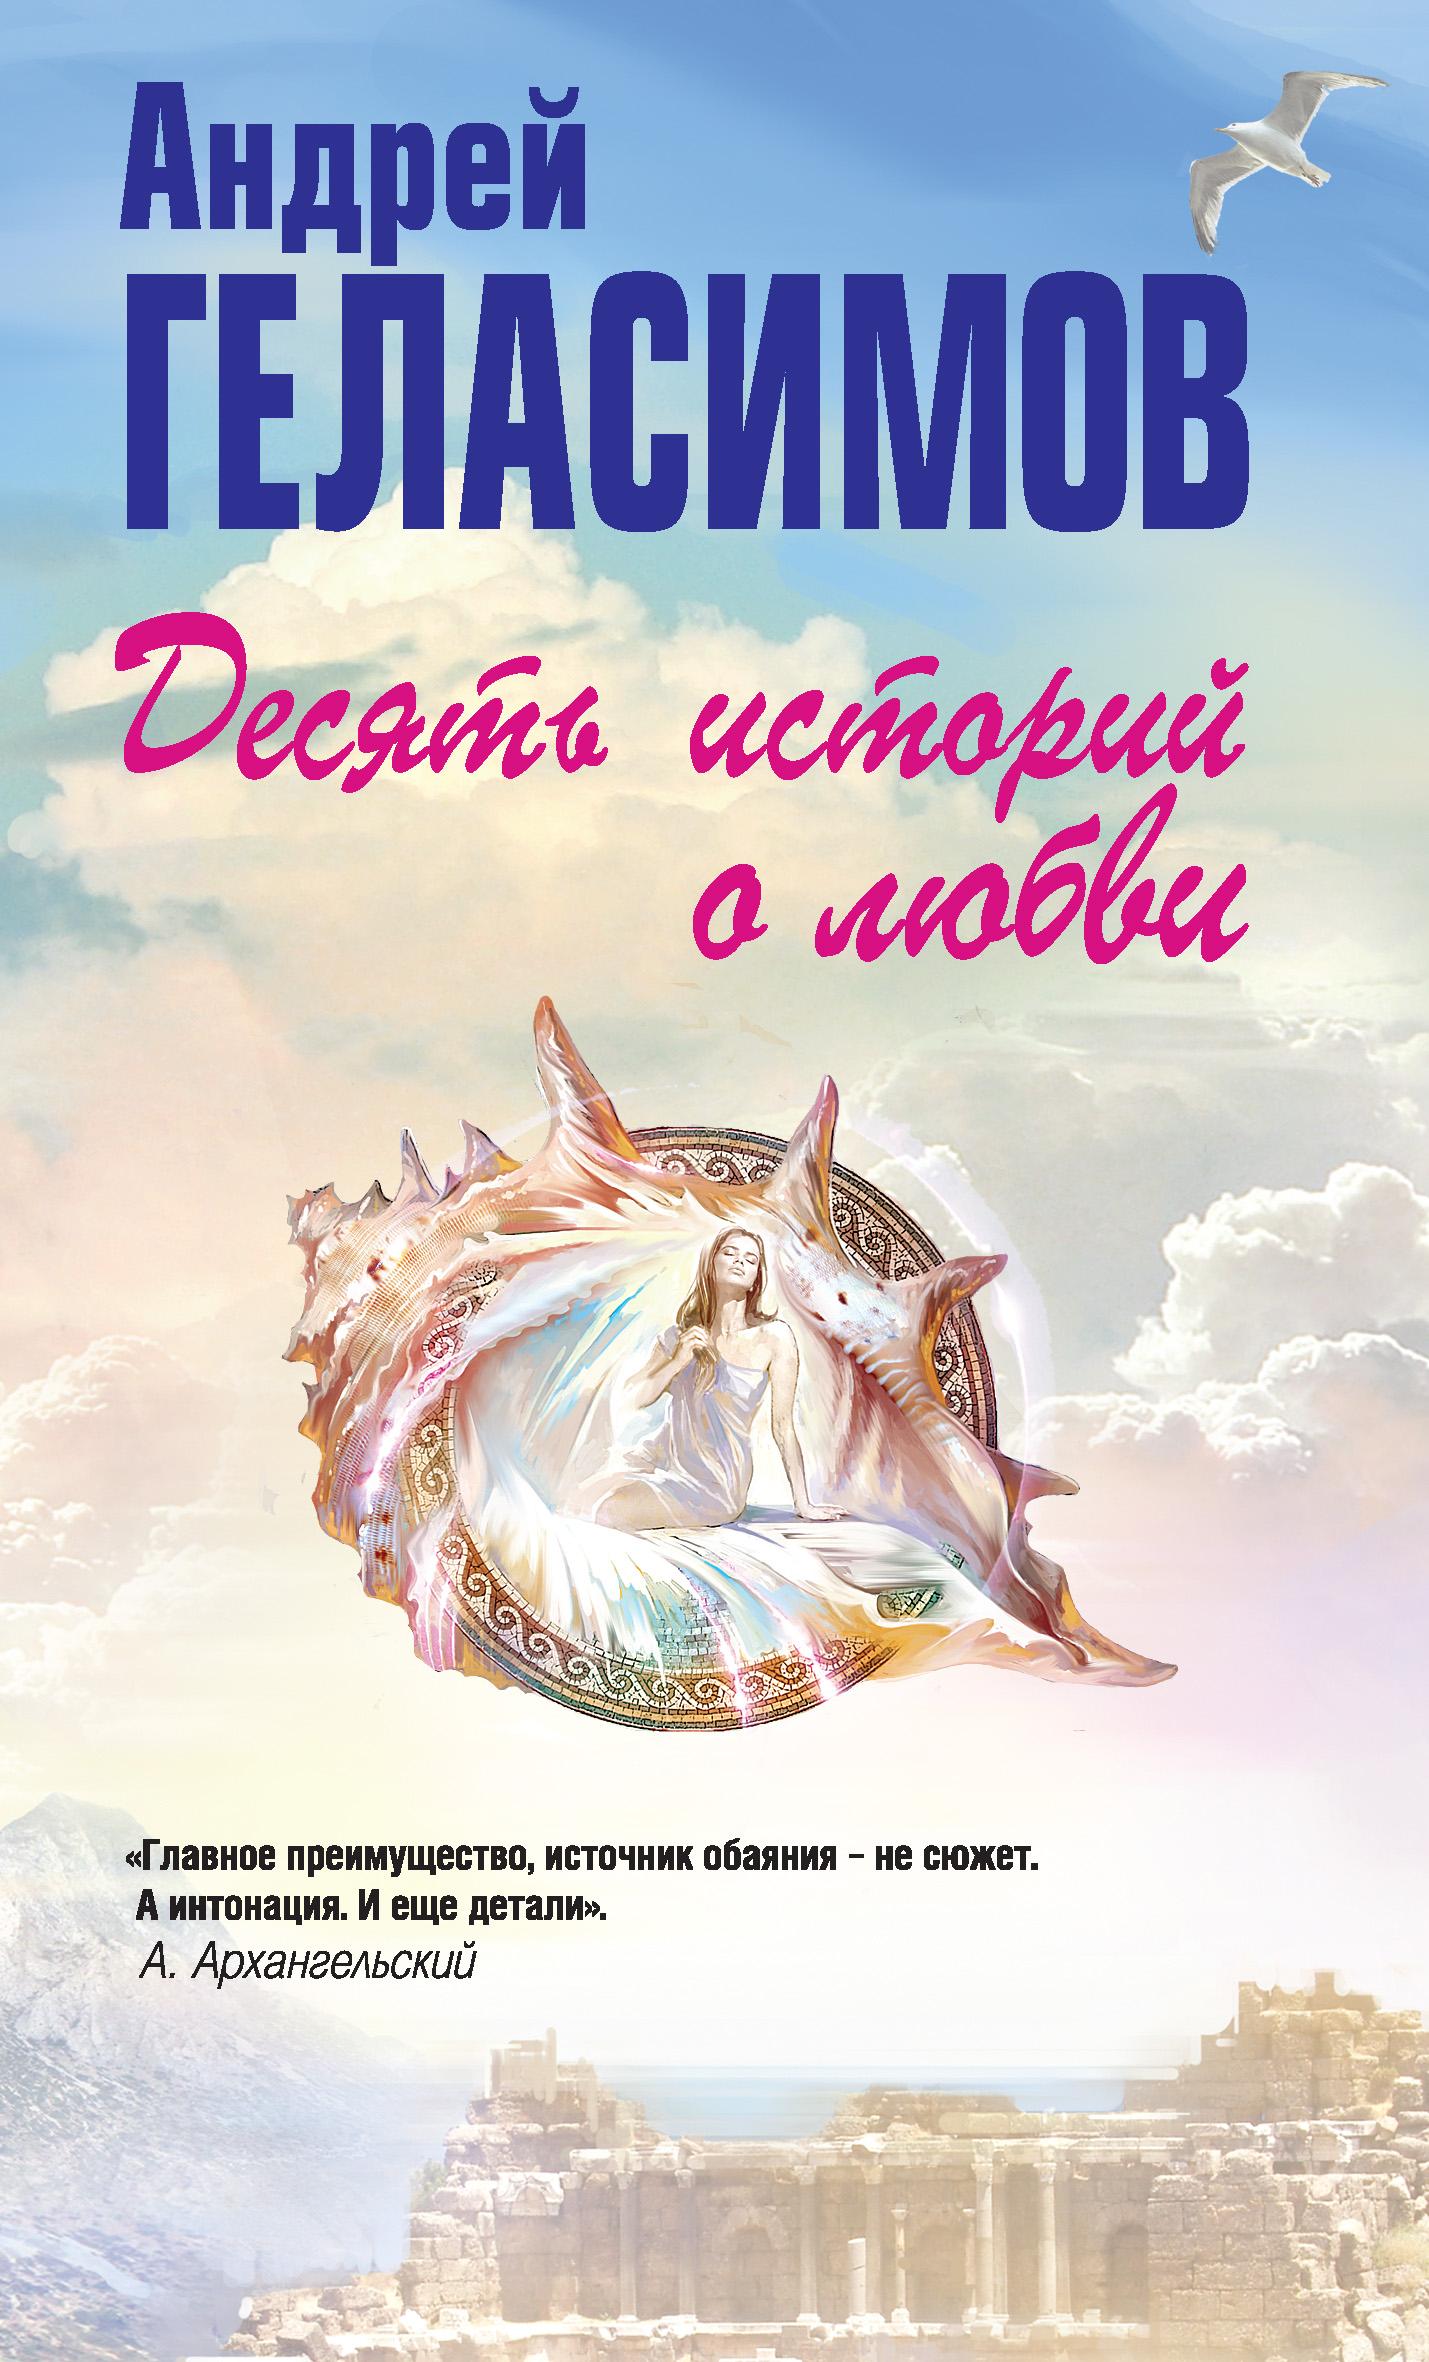 Андрей Геласимов Десять историй о любви (сборник) евгения шагурова 10 красивых историй о любви